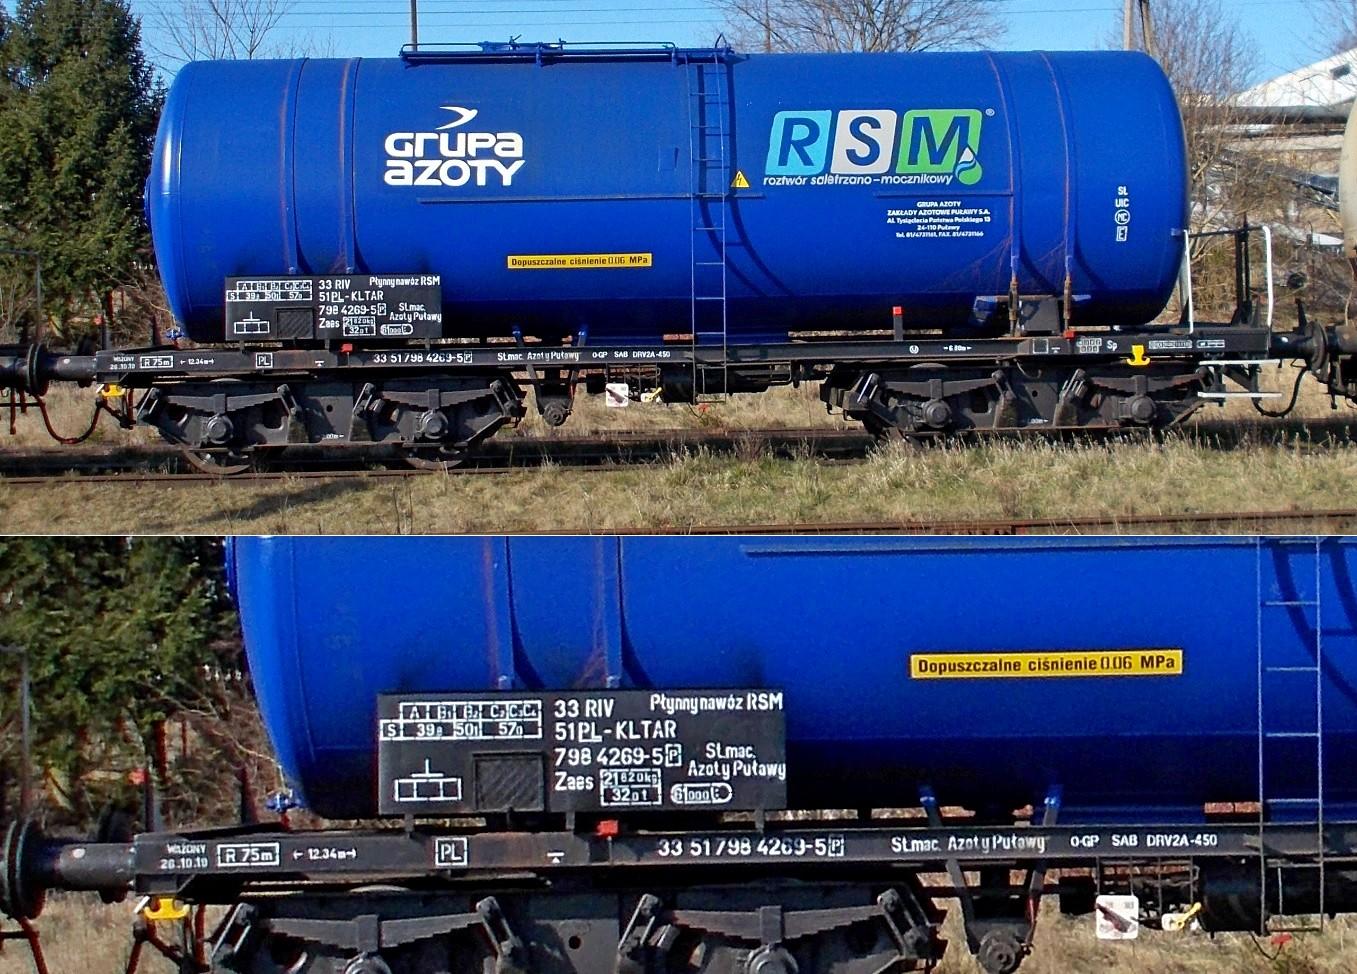 4. Stacja Dobre Miasto. Cysterna do przewozu RSM typu 406R KOLTAR Grupa Azoty (1a).jpg